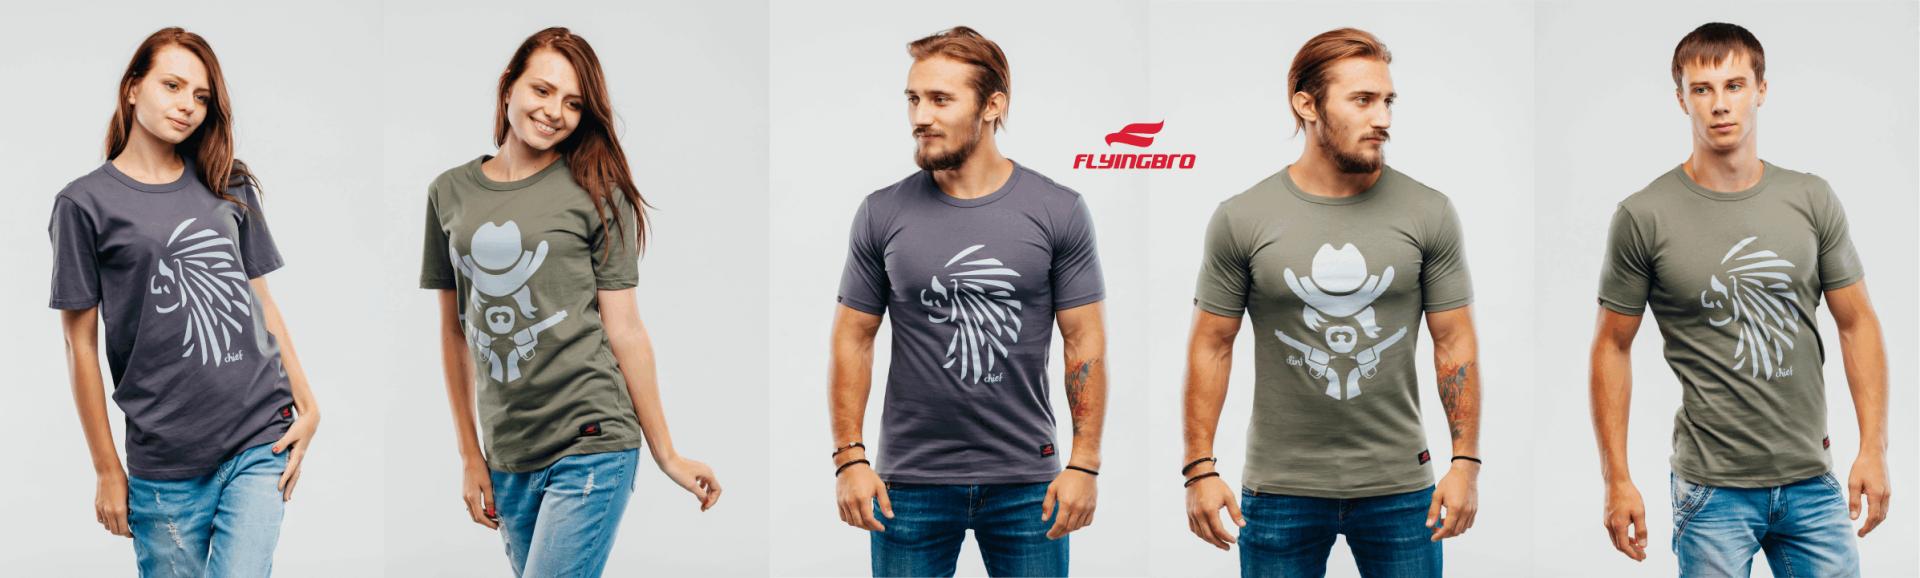 Модные футболки, уход: как не превратить крутую вещь в тряпицу?